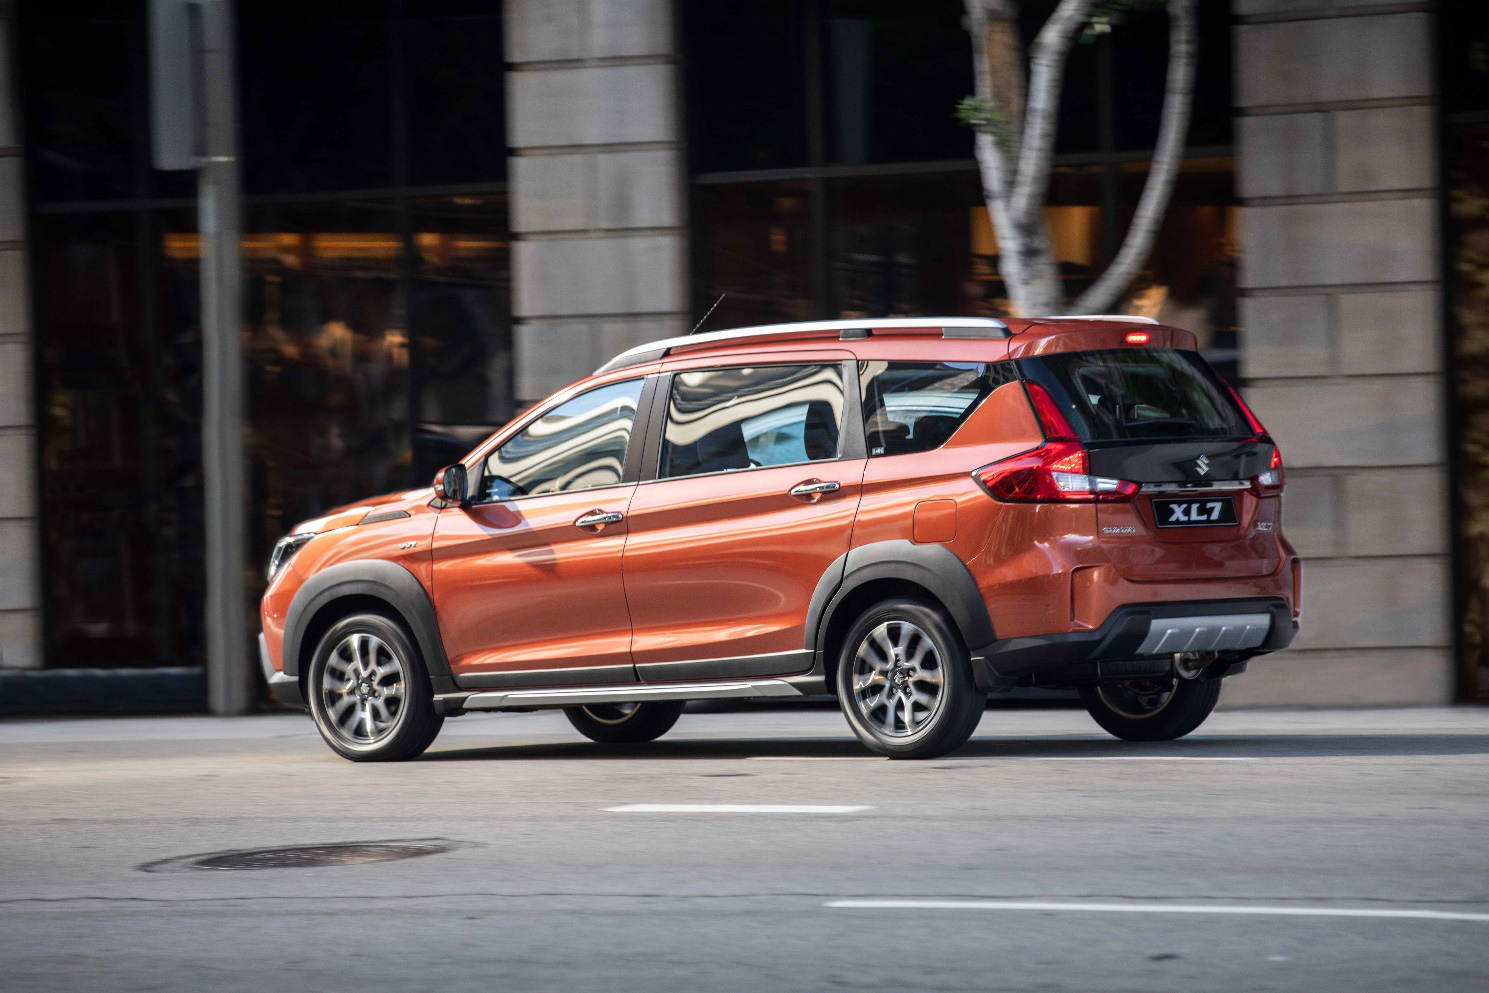 SUV XL7 hoàn toàn mới mang thiết kế khỏe khoắn với các tấm ốp vòm bánh xe màu đen và giá nóc thể thao